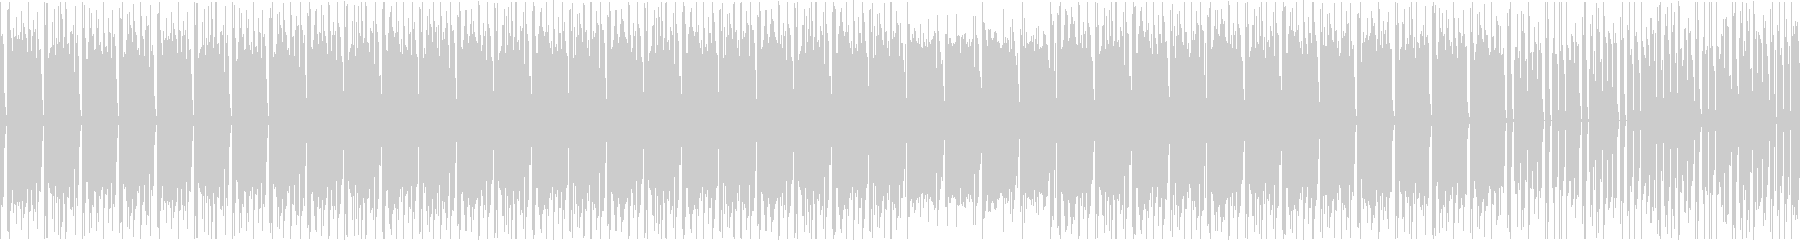 哀愁漂うピアノコードのヒップホップの未再生の波形